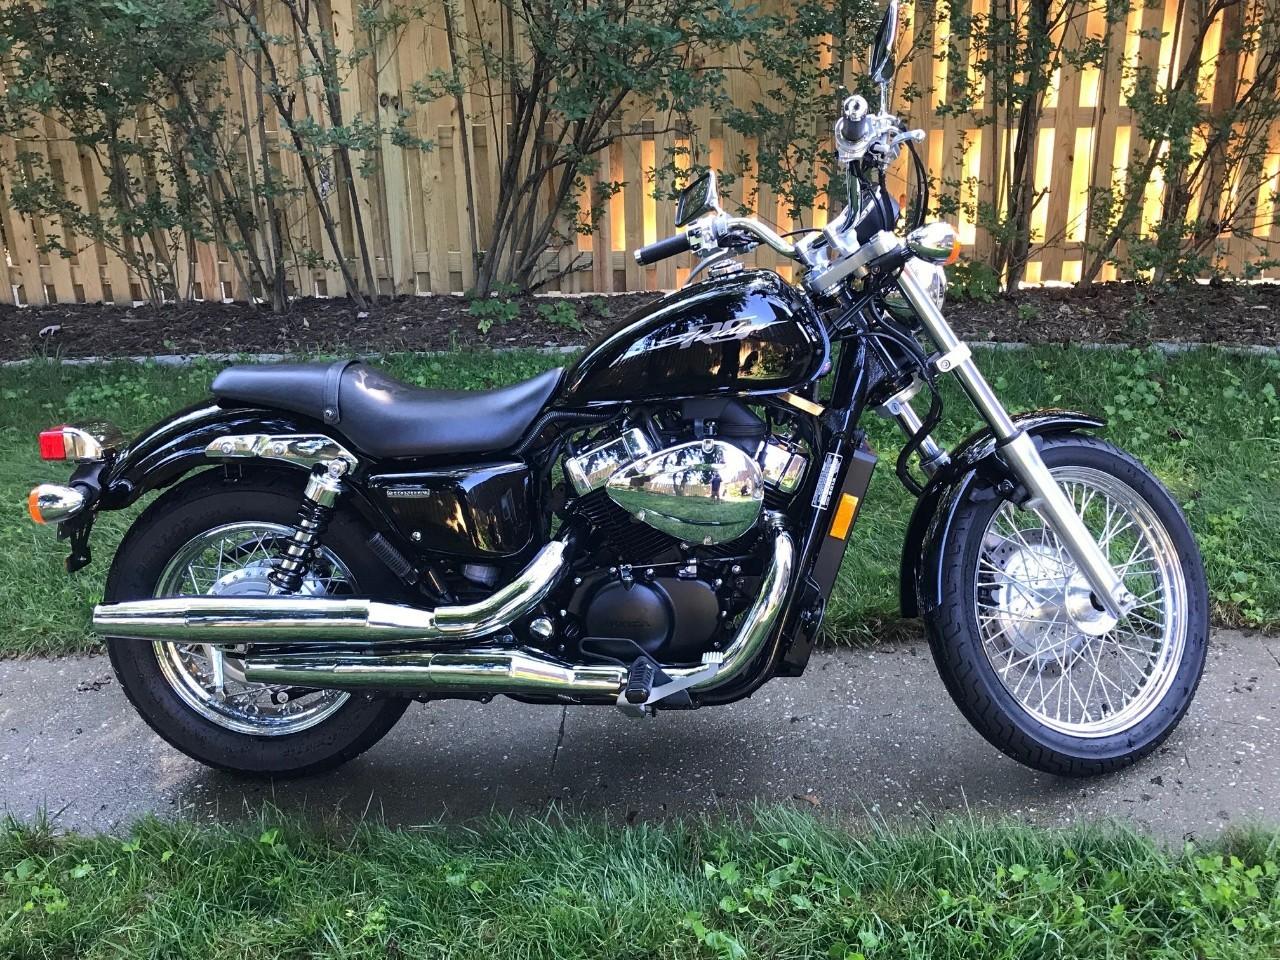 2082 Honda Shadow Aero Motorcycles For Sale 1992 Parts